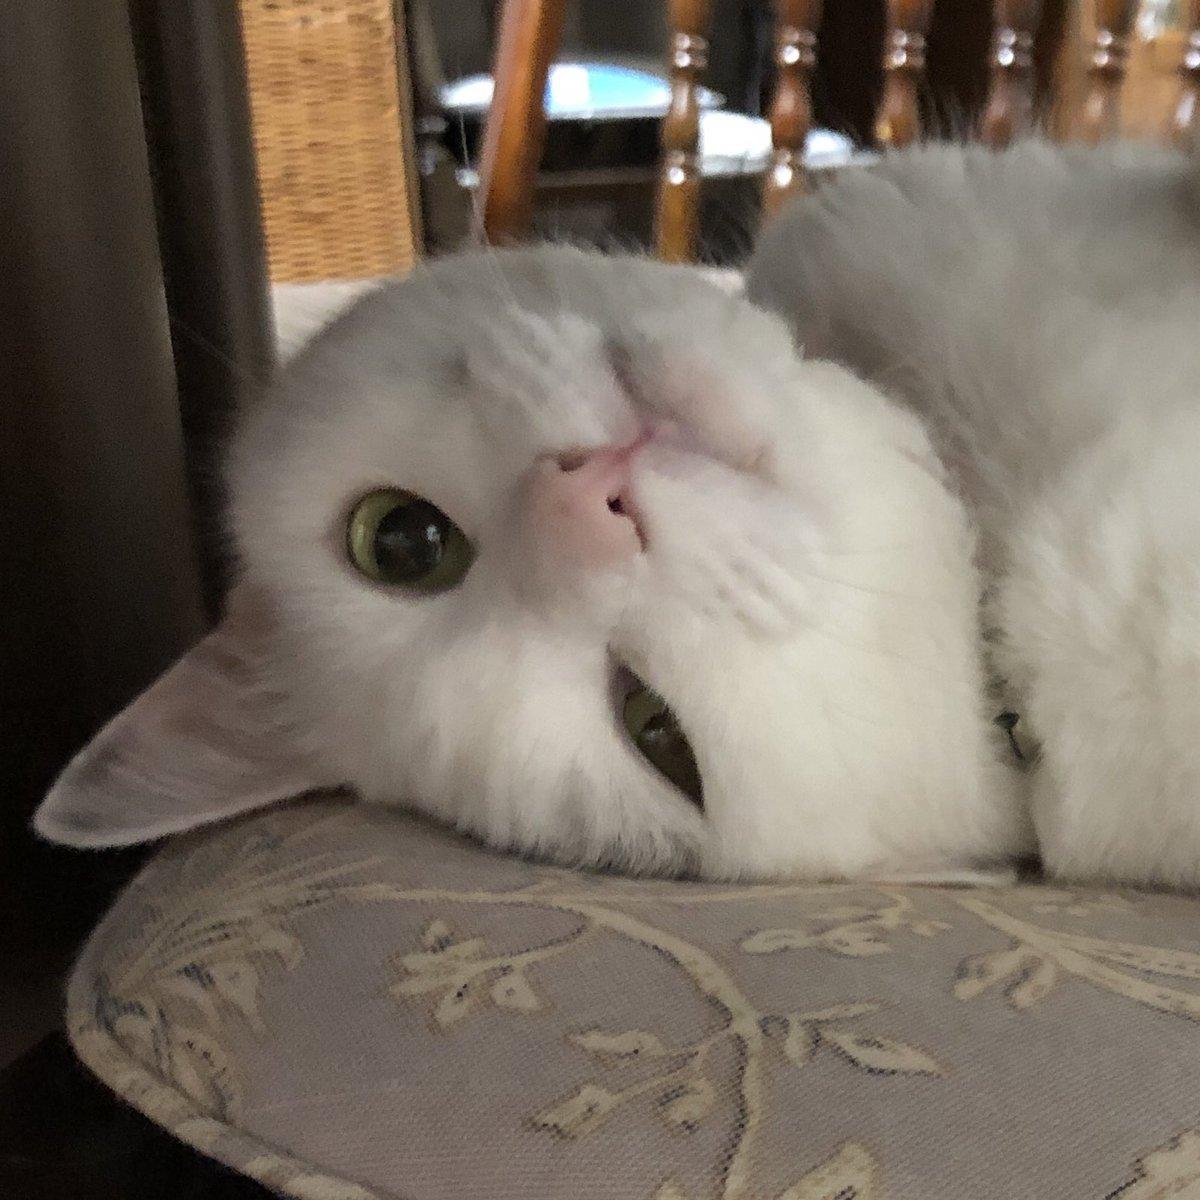 test ツイッターメディア - @hotta_imo 安永餅な感じかな。  いやいや、猫だから! #猫 #猫のいる暮らし https://t.co/KxPHNjLXH8